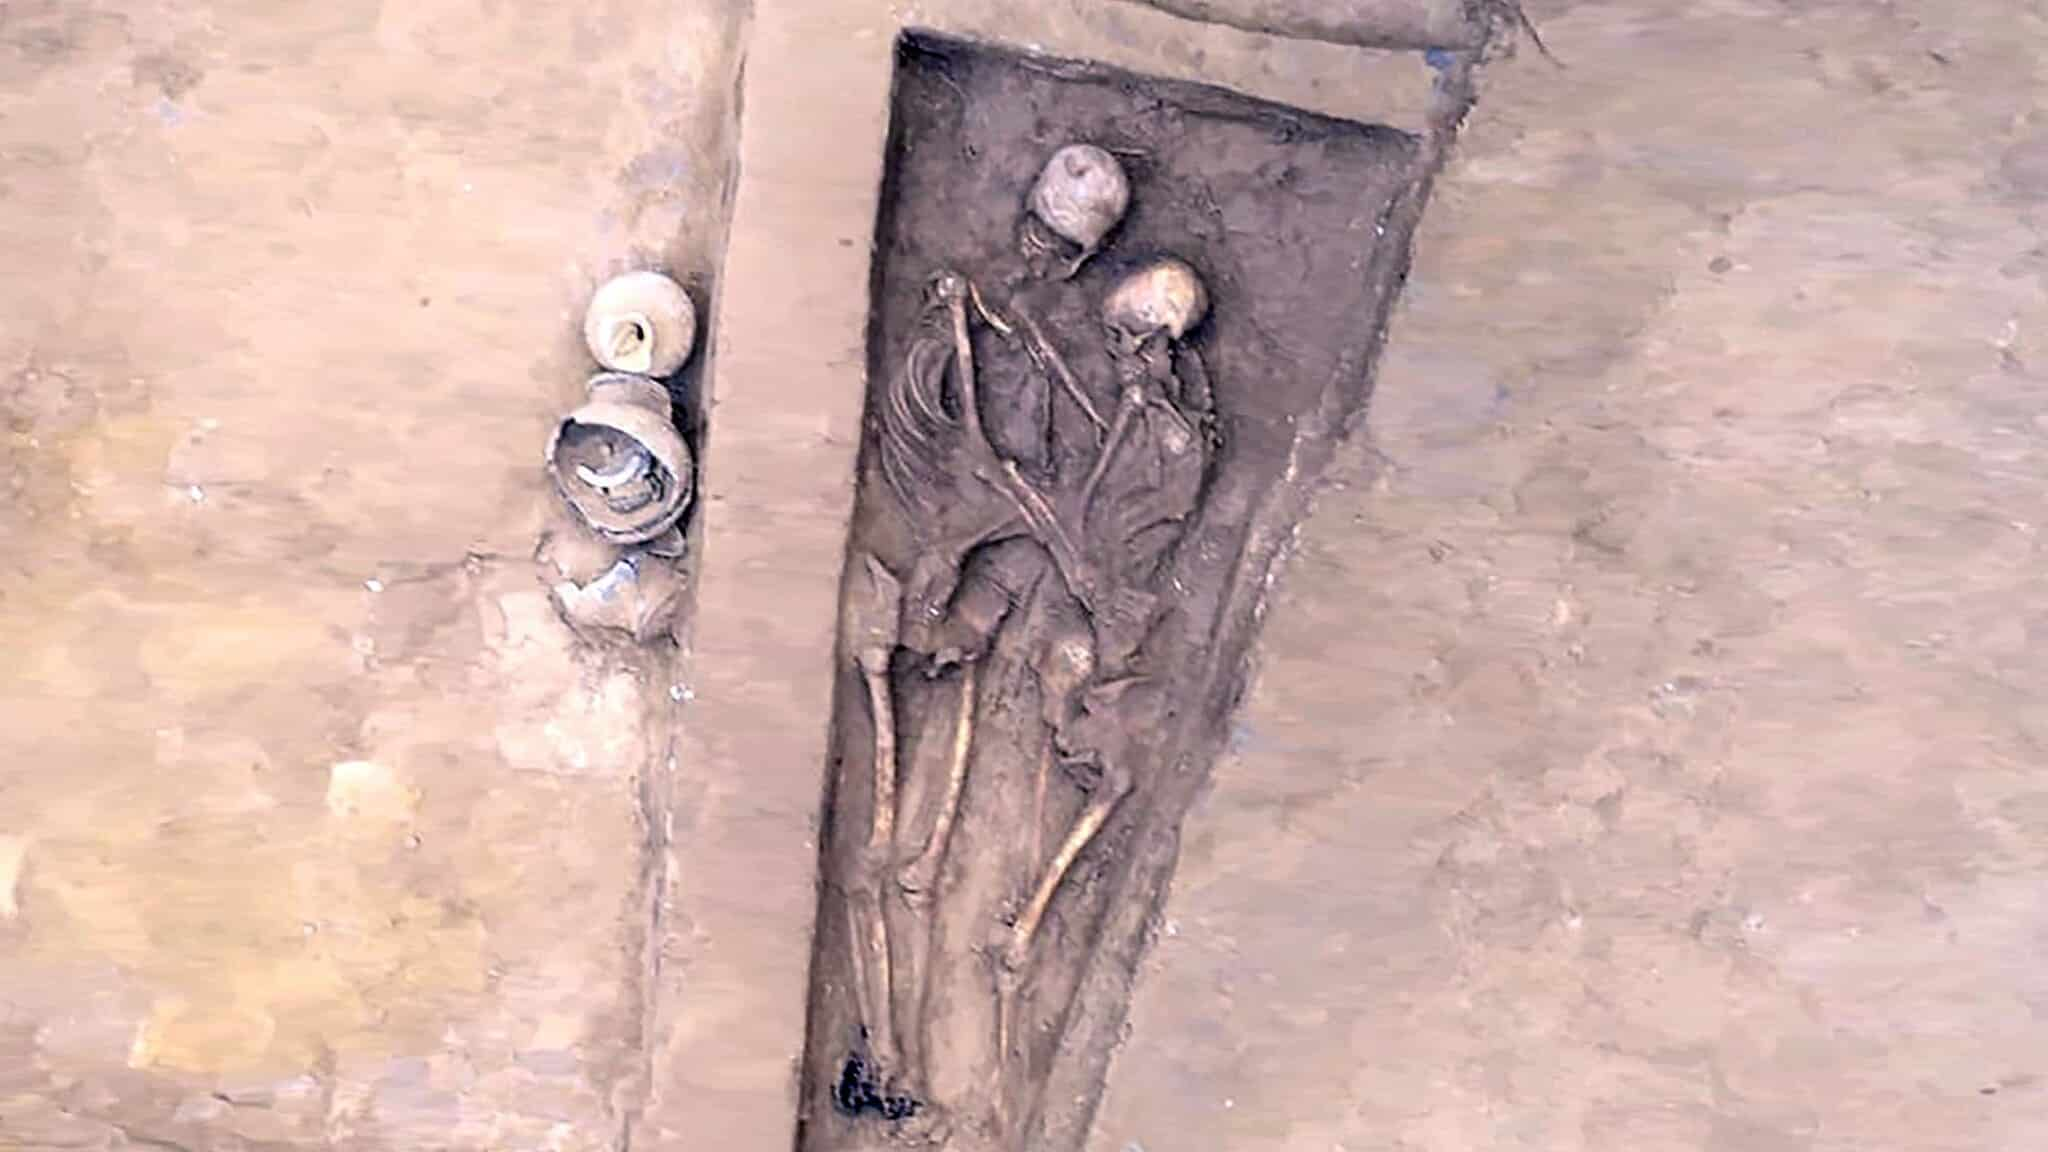 China-Hallan dos esqueletos que habrían estado abrazados por más de 1.500 años